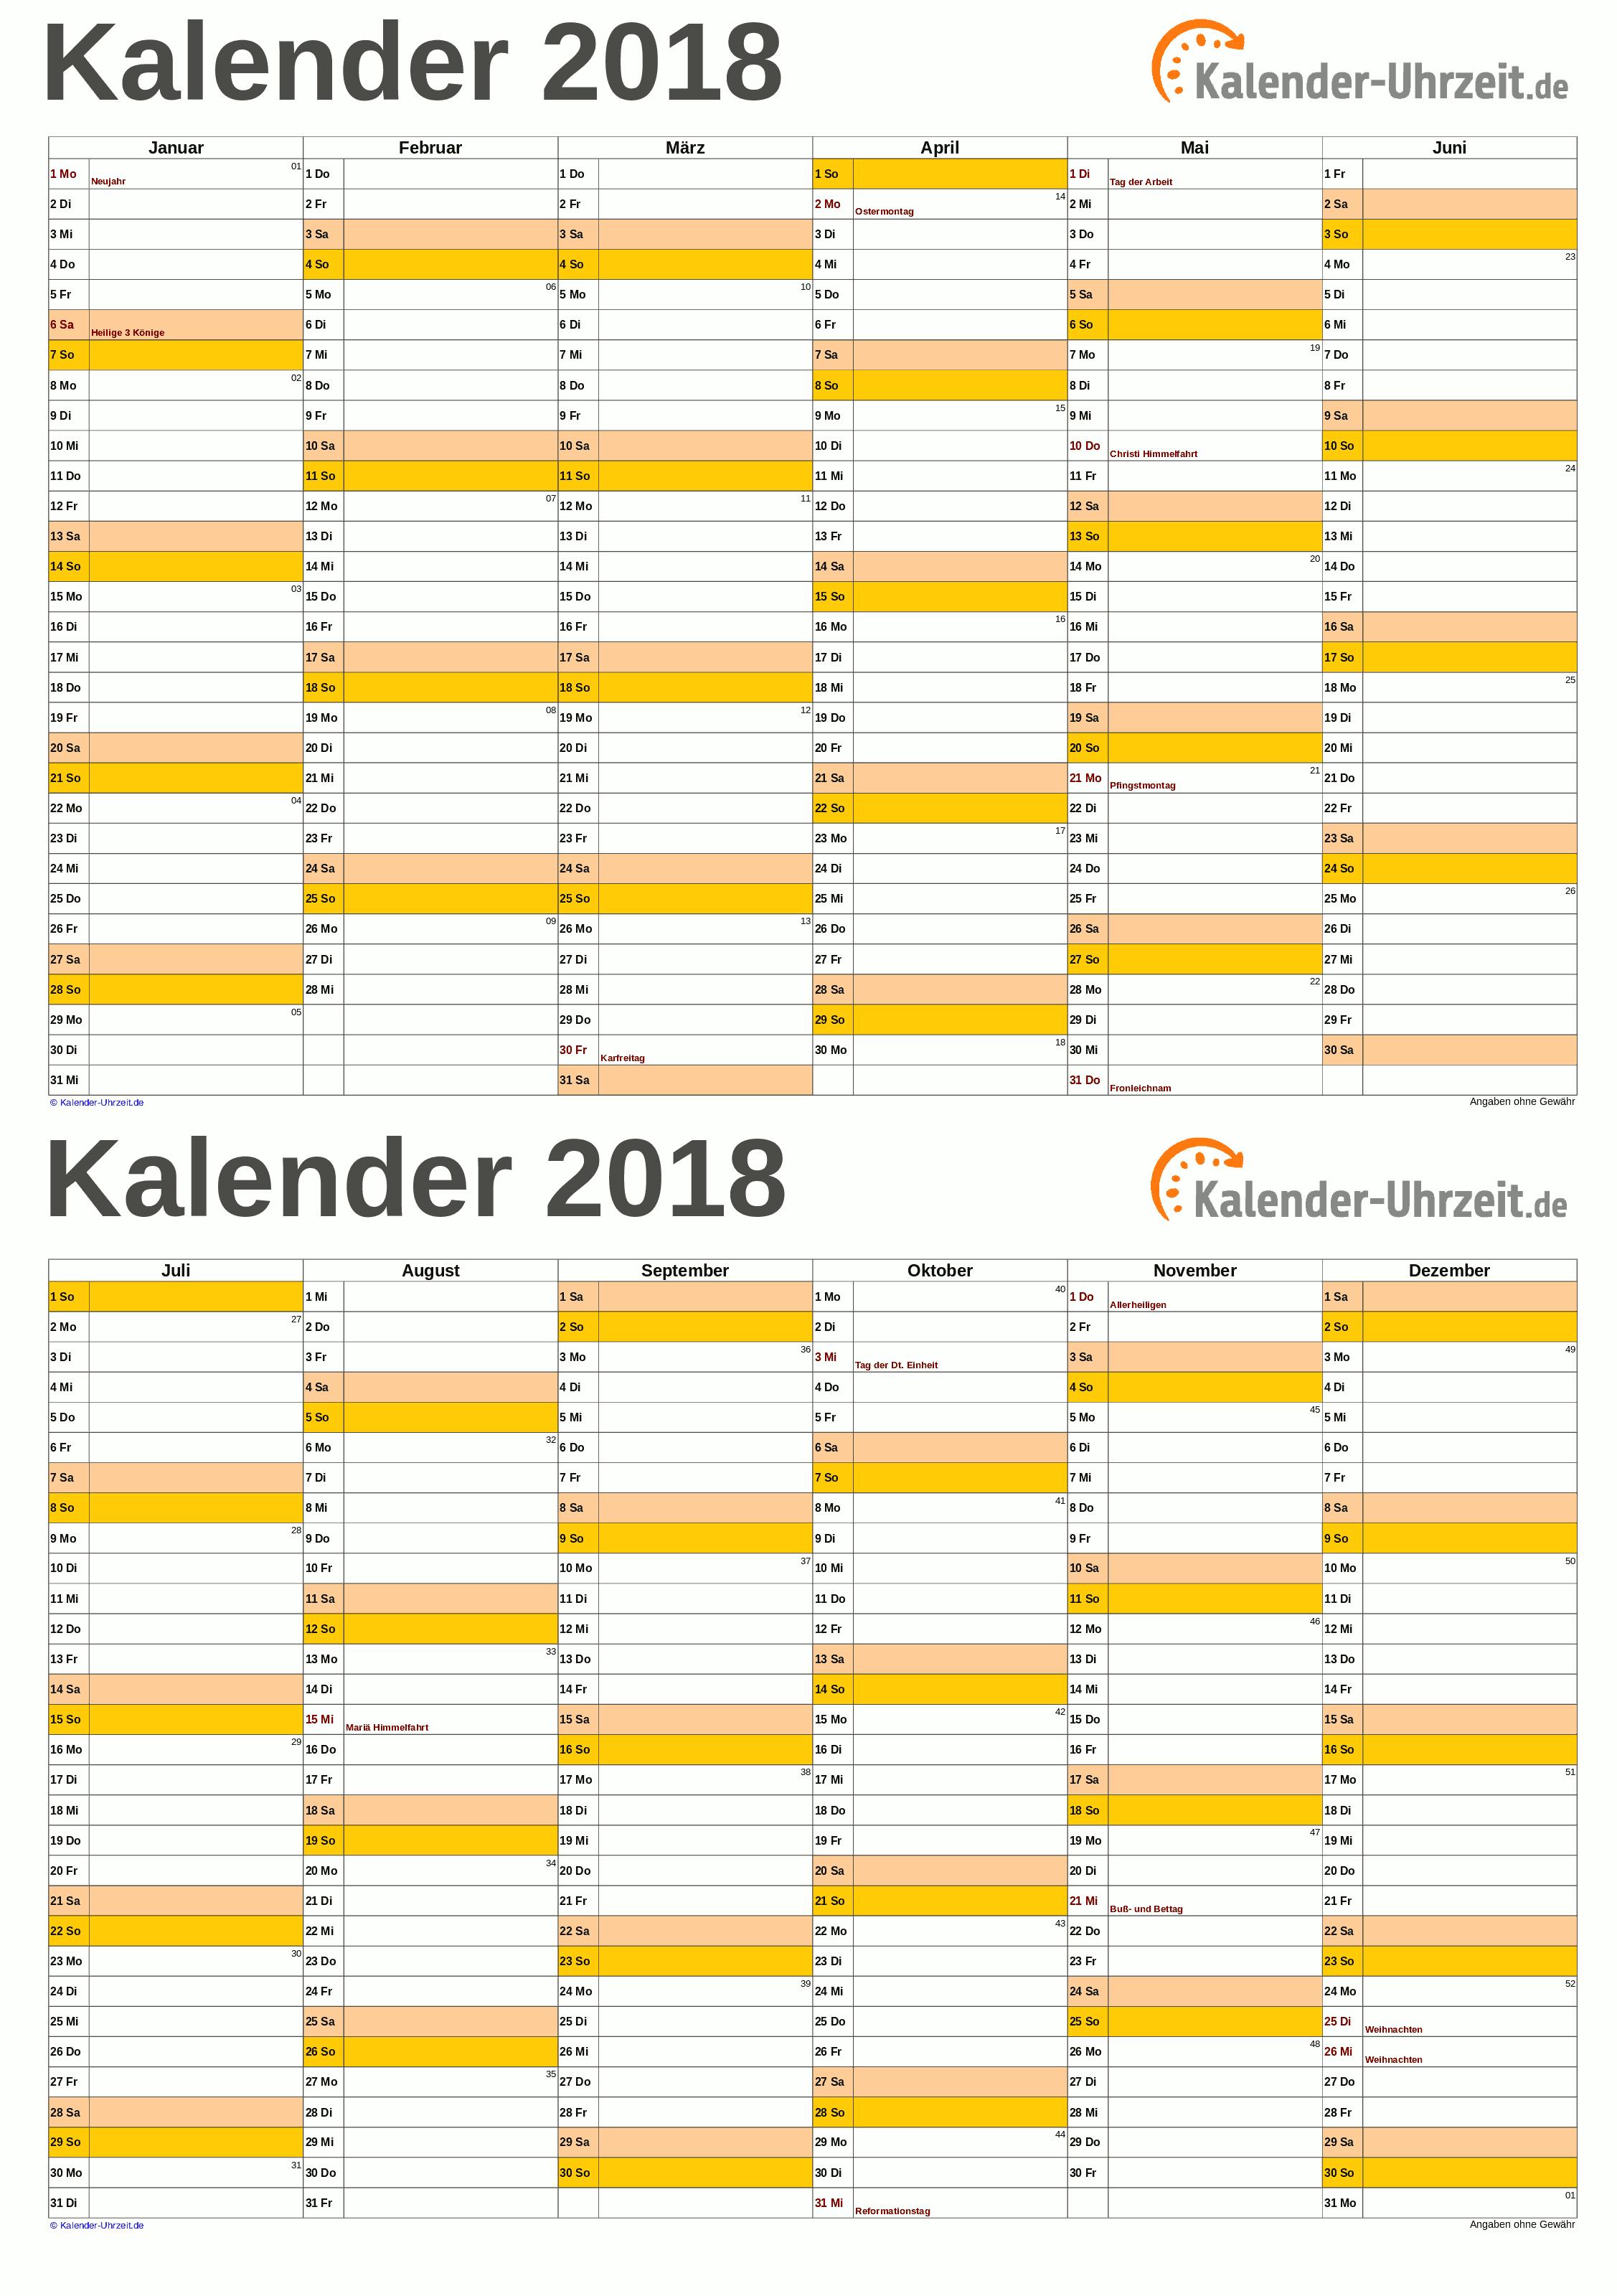 Kalender 2018 A5-Excel-Vorlage 1 Vorschau